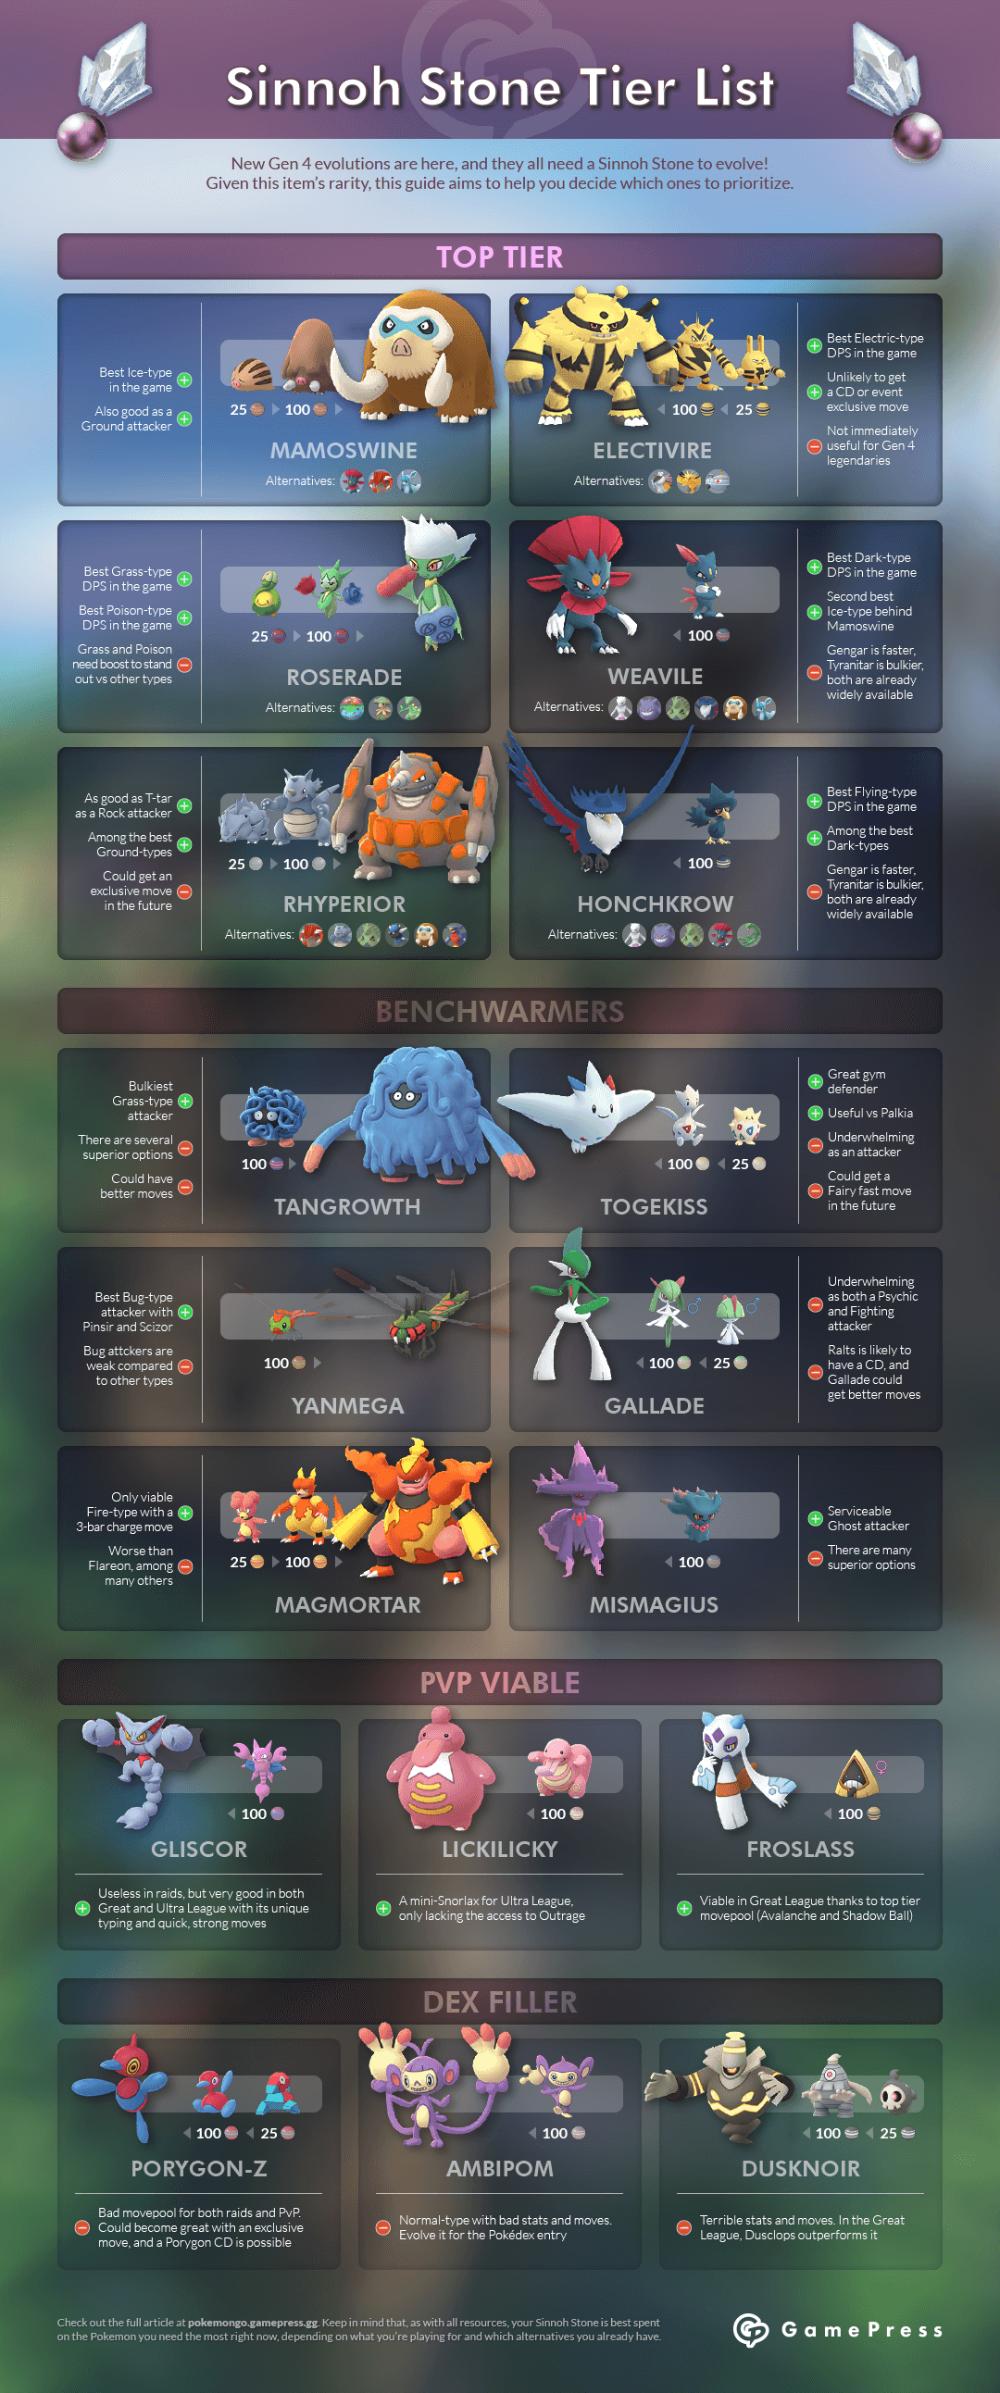 Sinnoh Stone Tier List Pokemon GO Wiki GamePress (With